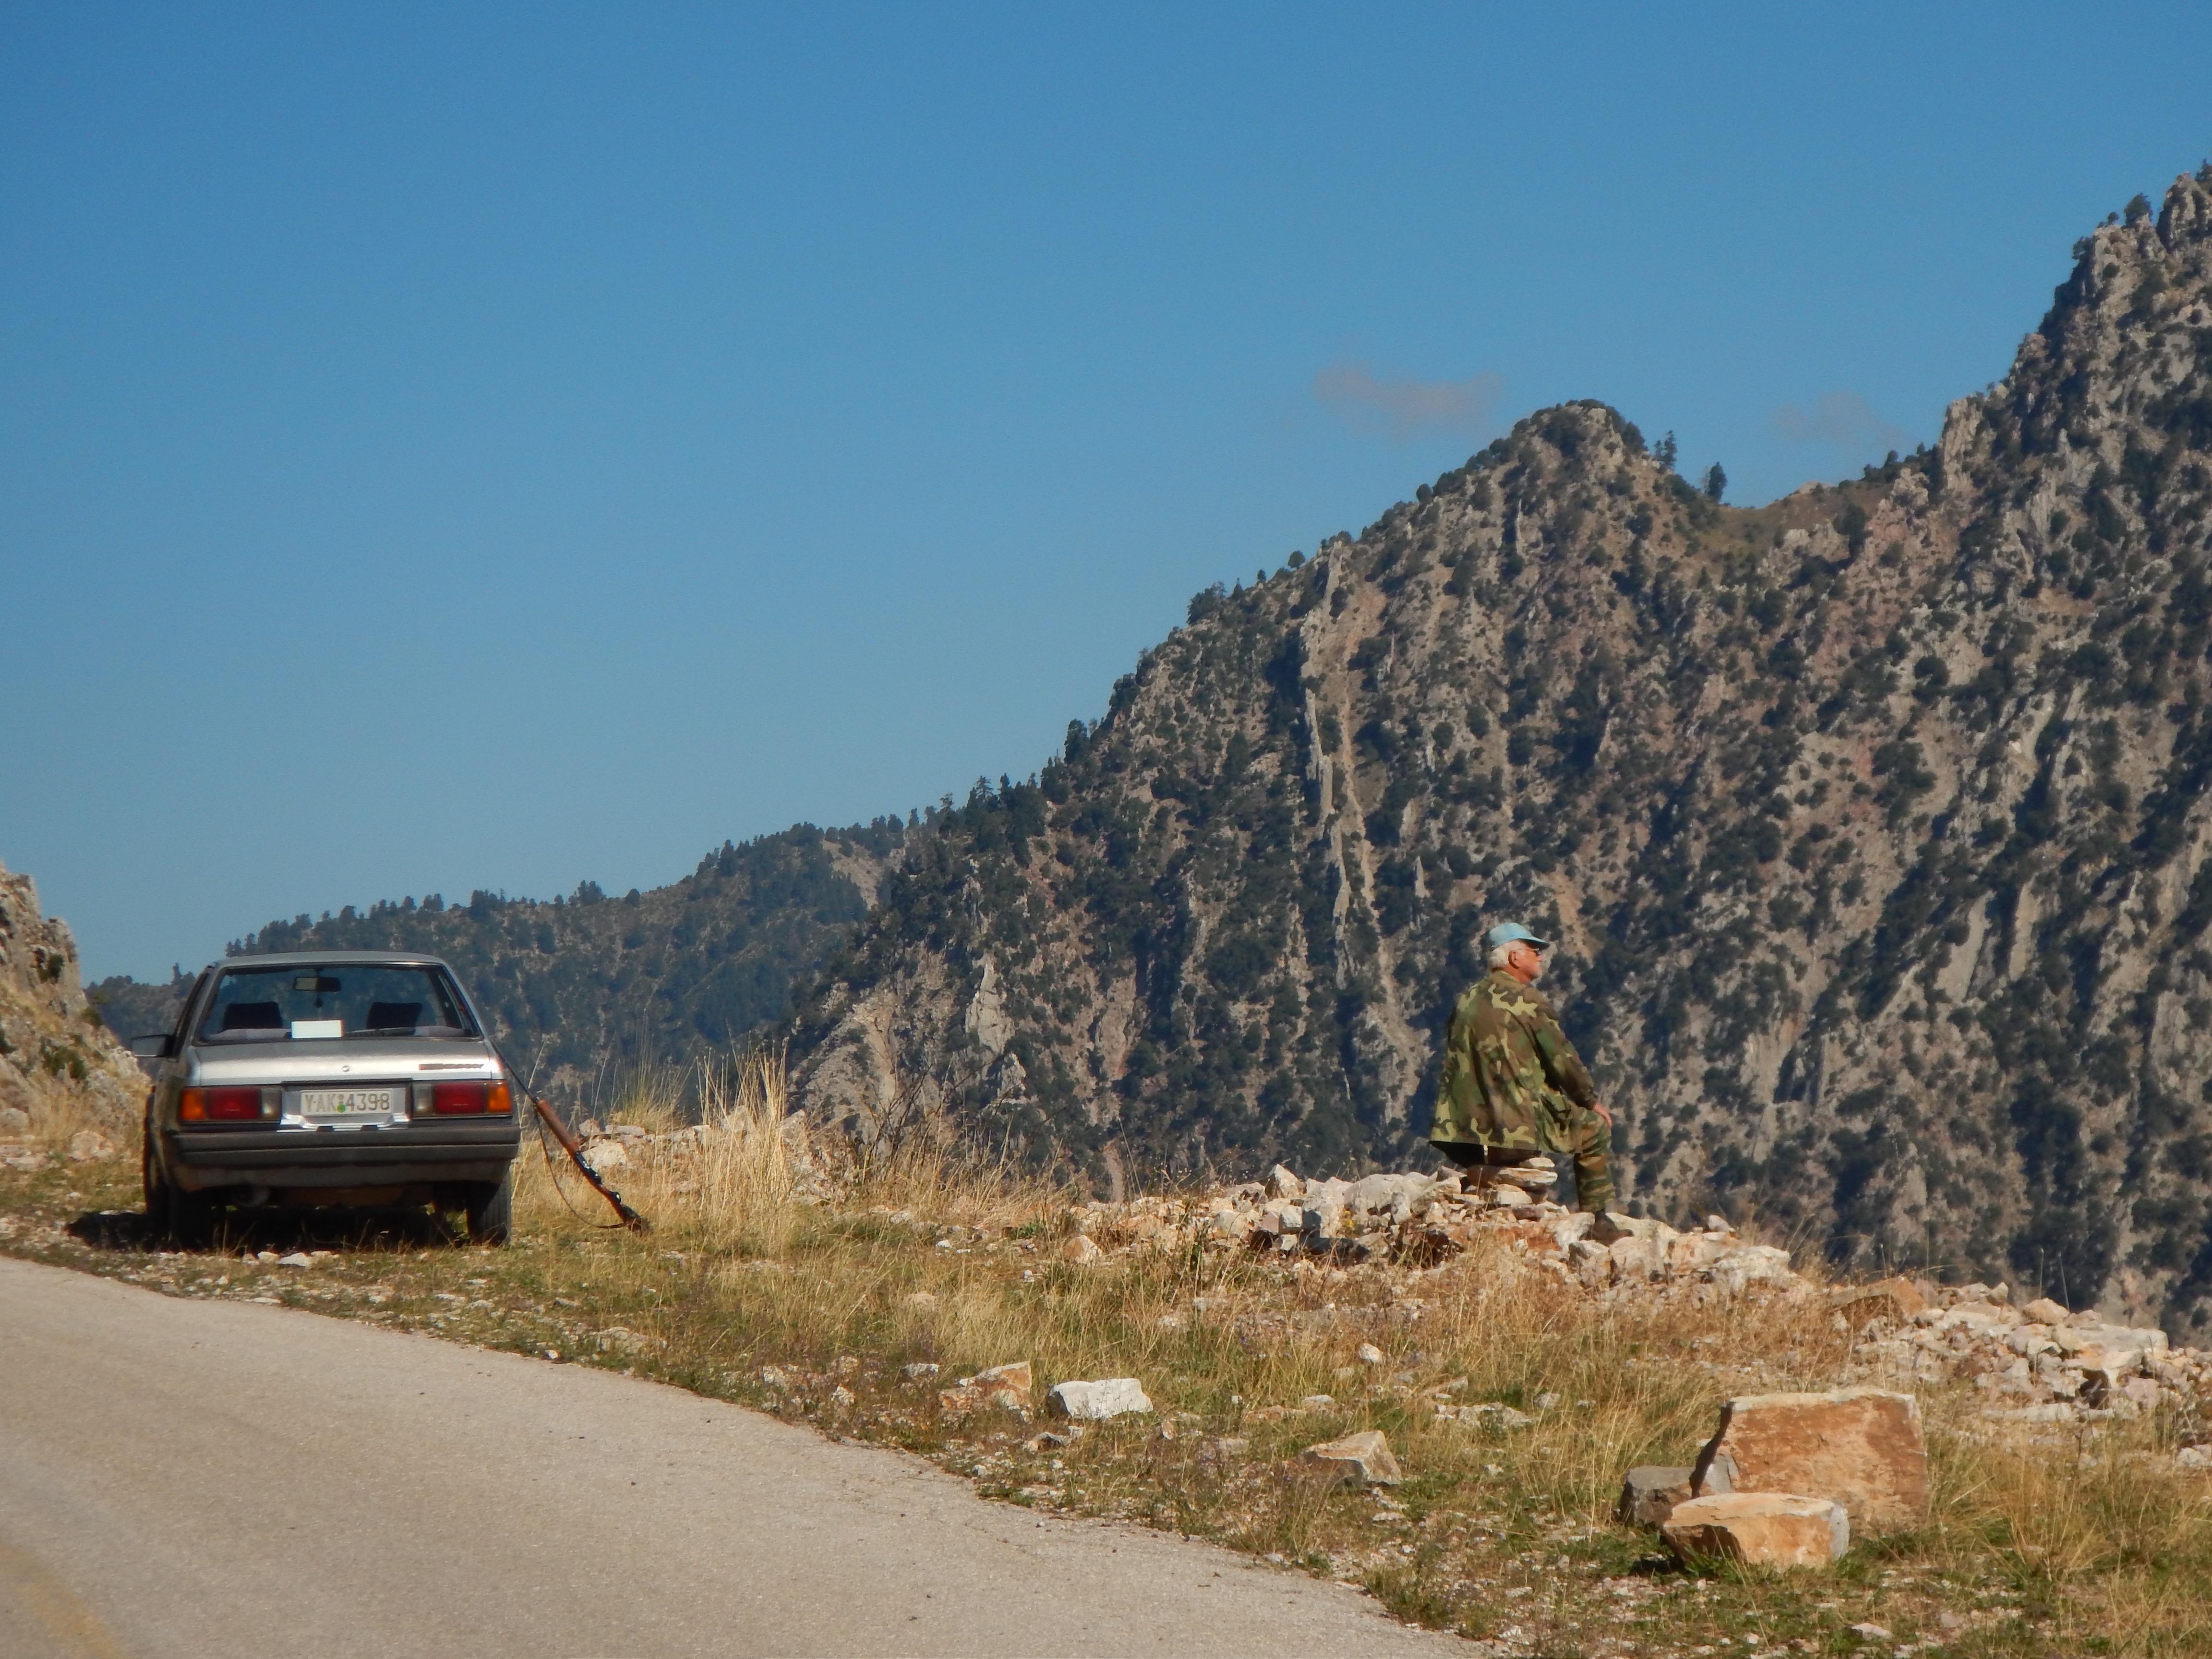 Grèce - Destination Météores par trail rando 161003094807384316